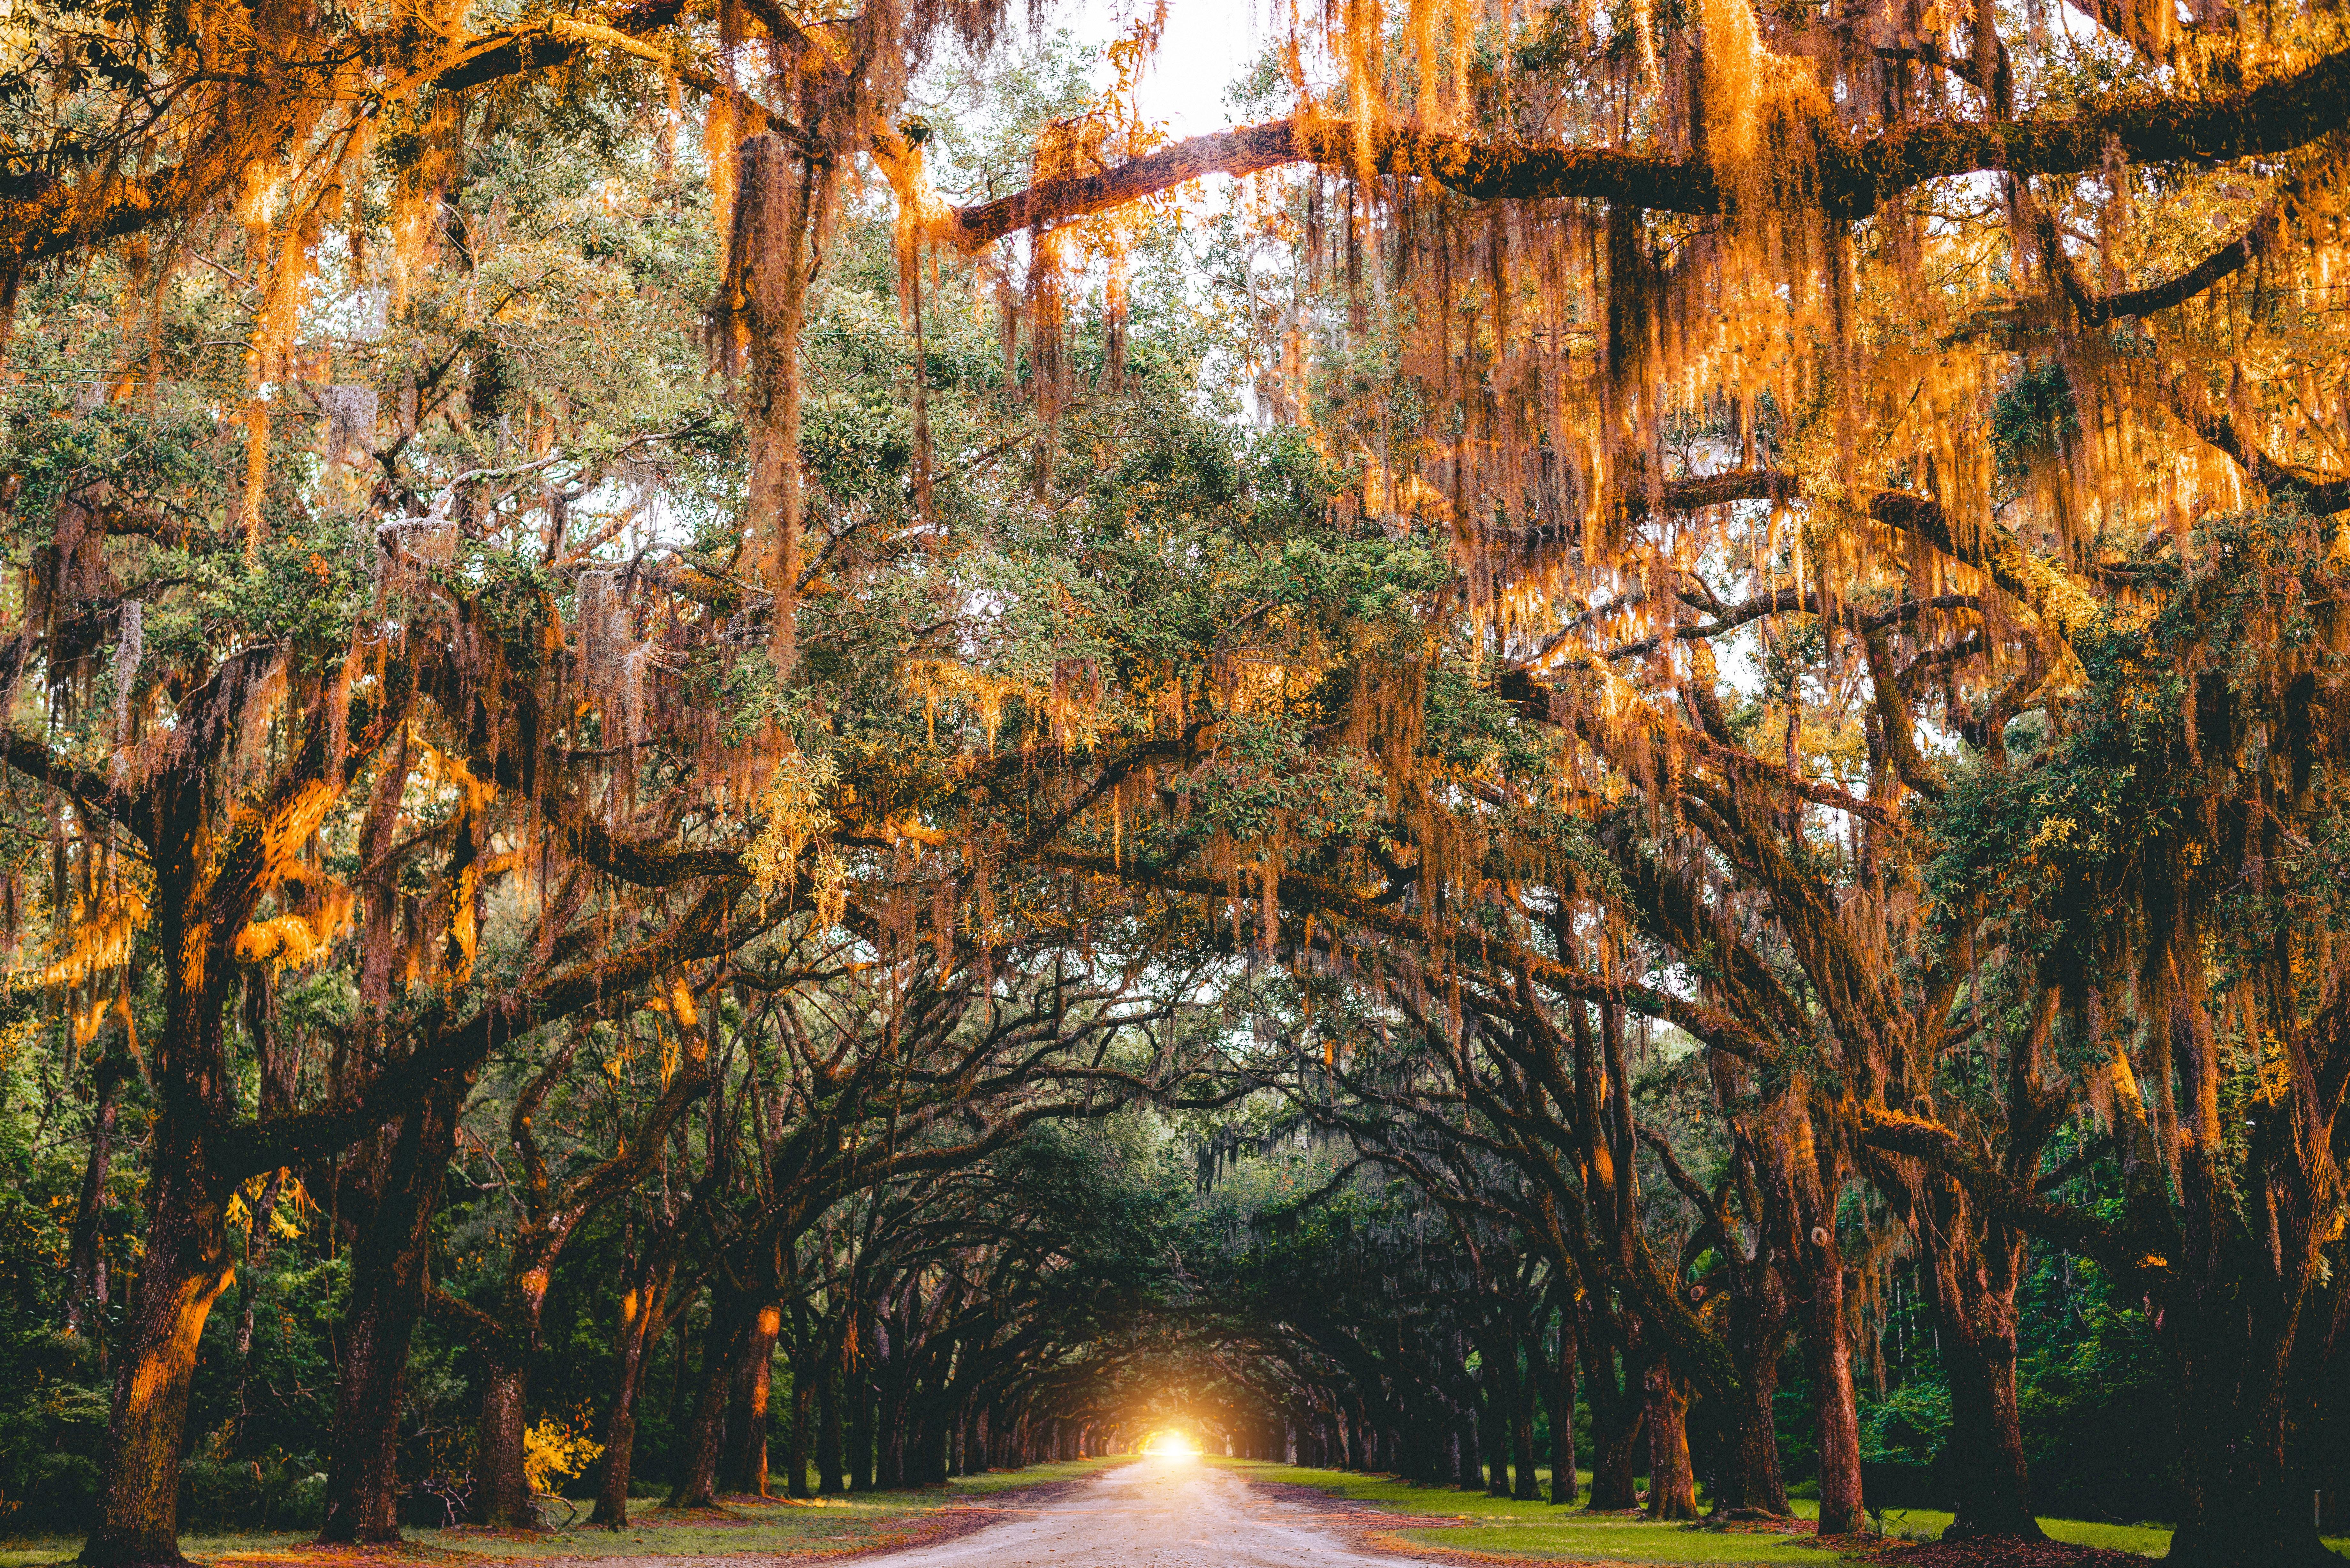 133282壁紙のダウンロード自然, 公園, 木, アーチ, 輝く, 光, 道路, 道, サバンナ, 米国-スクリーンセーバーと写真を無料で